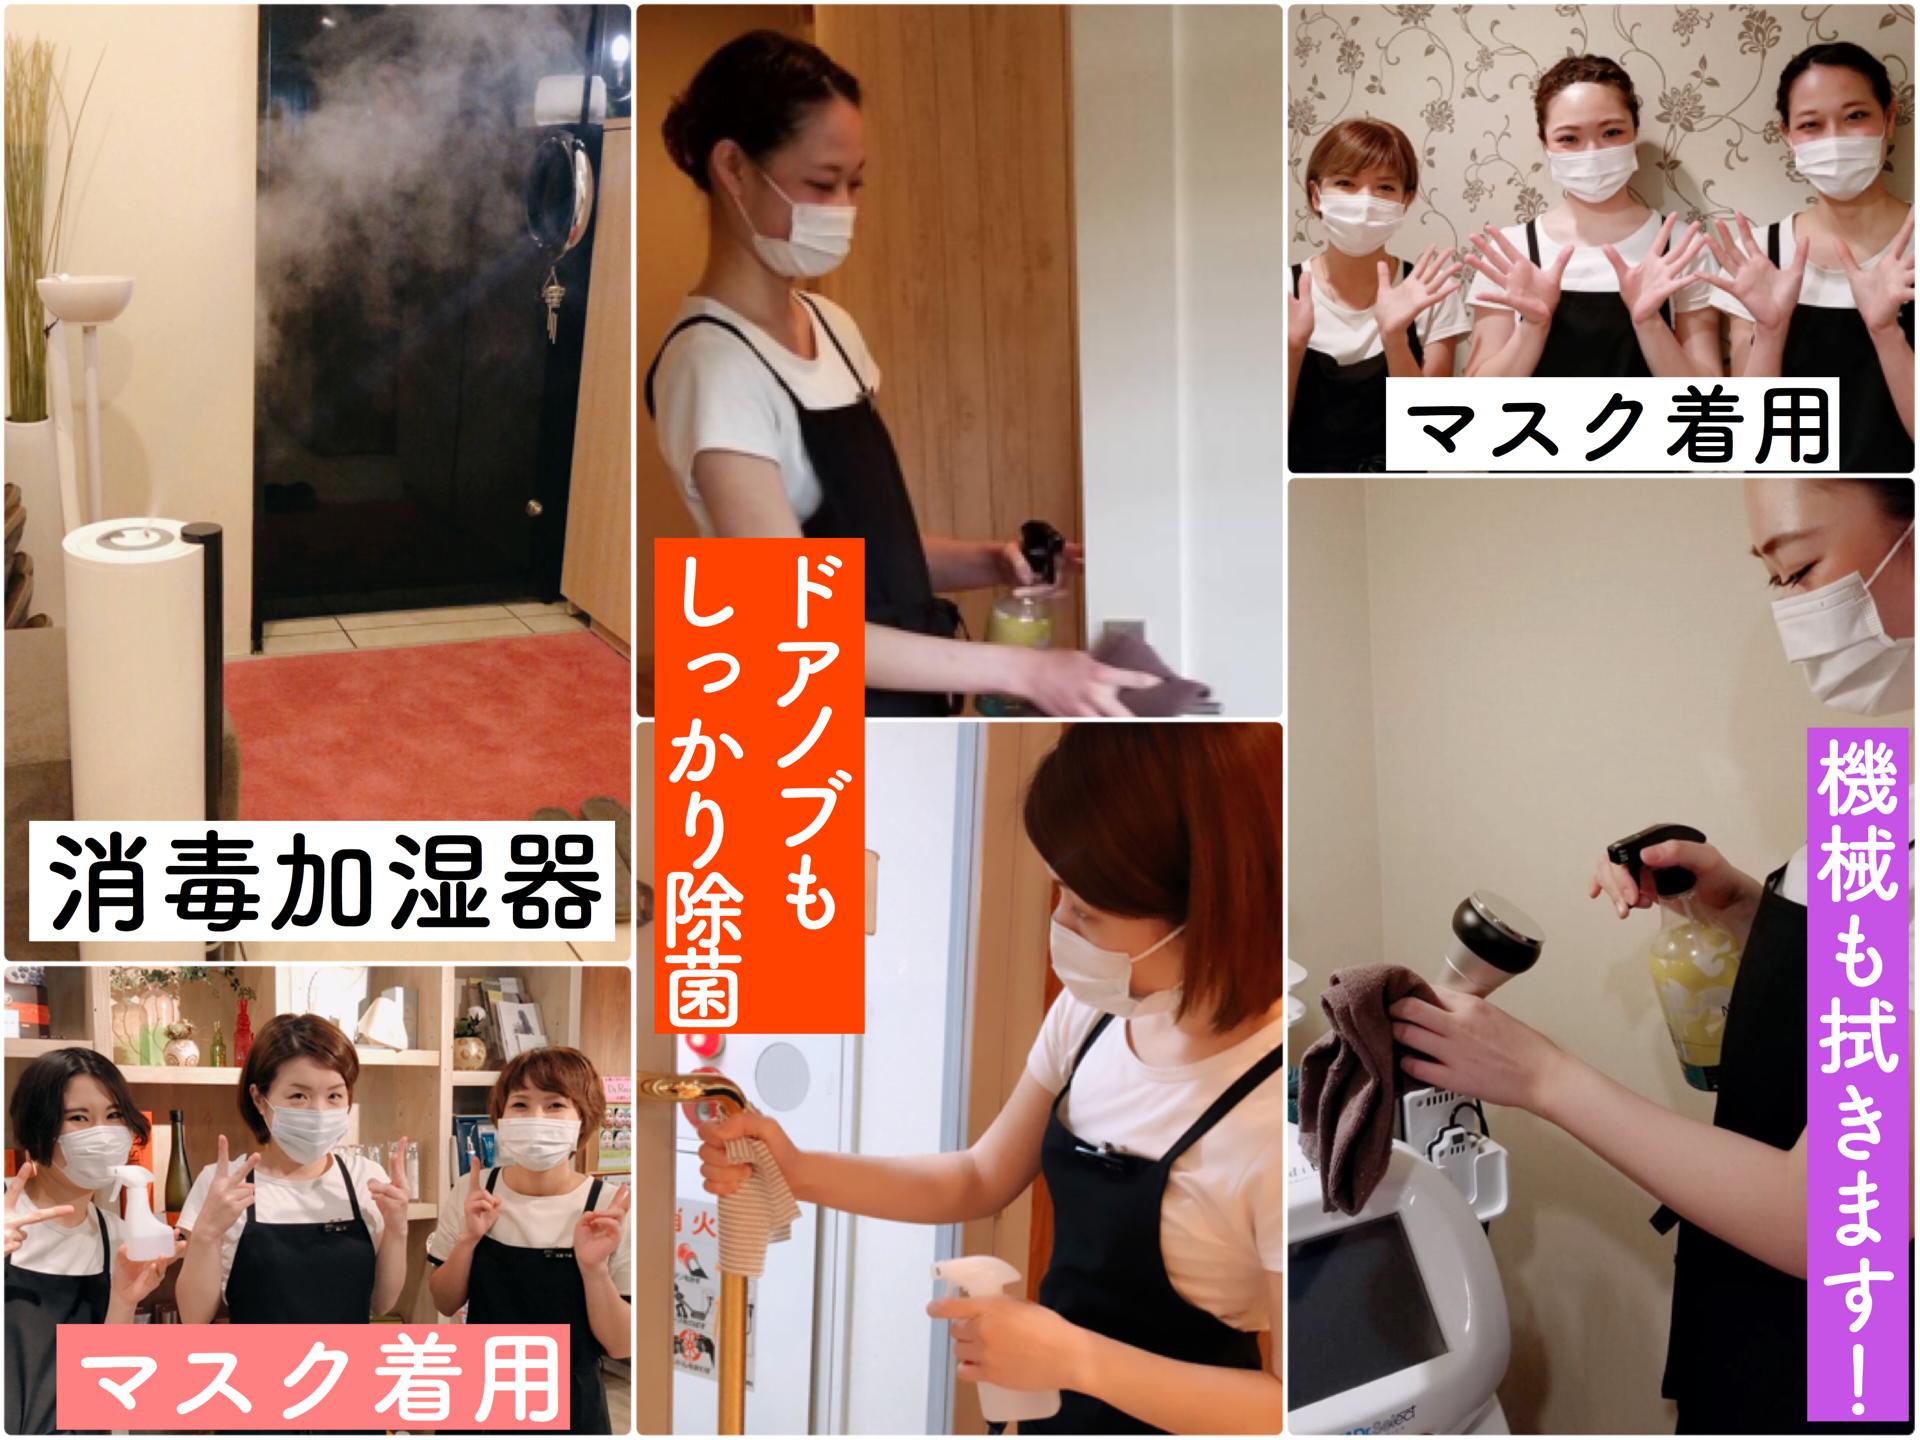 コロナウィルス感染拡大対策の徹底★!!